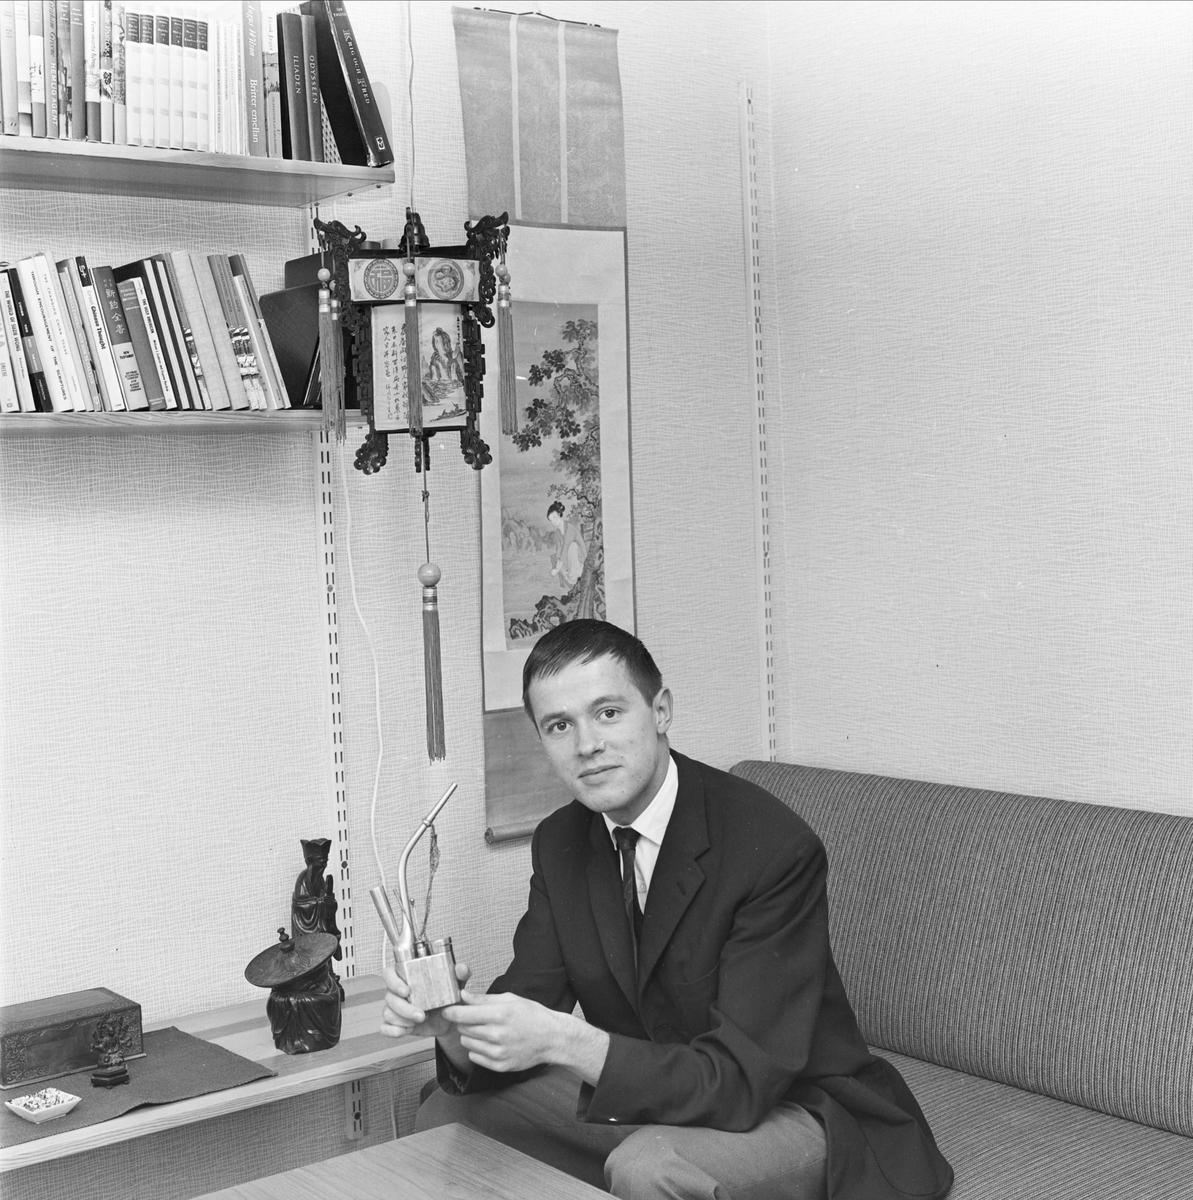 Kandidaten Olle Sjöholm hemkommen från Hong Kong, Uppsala september 1963